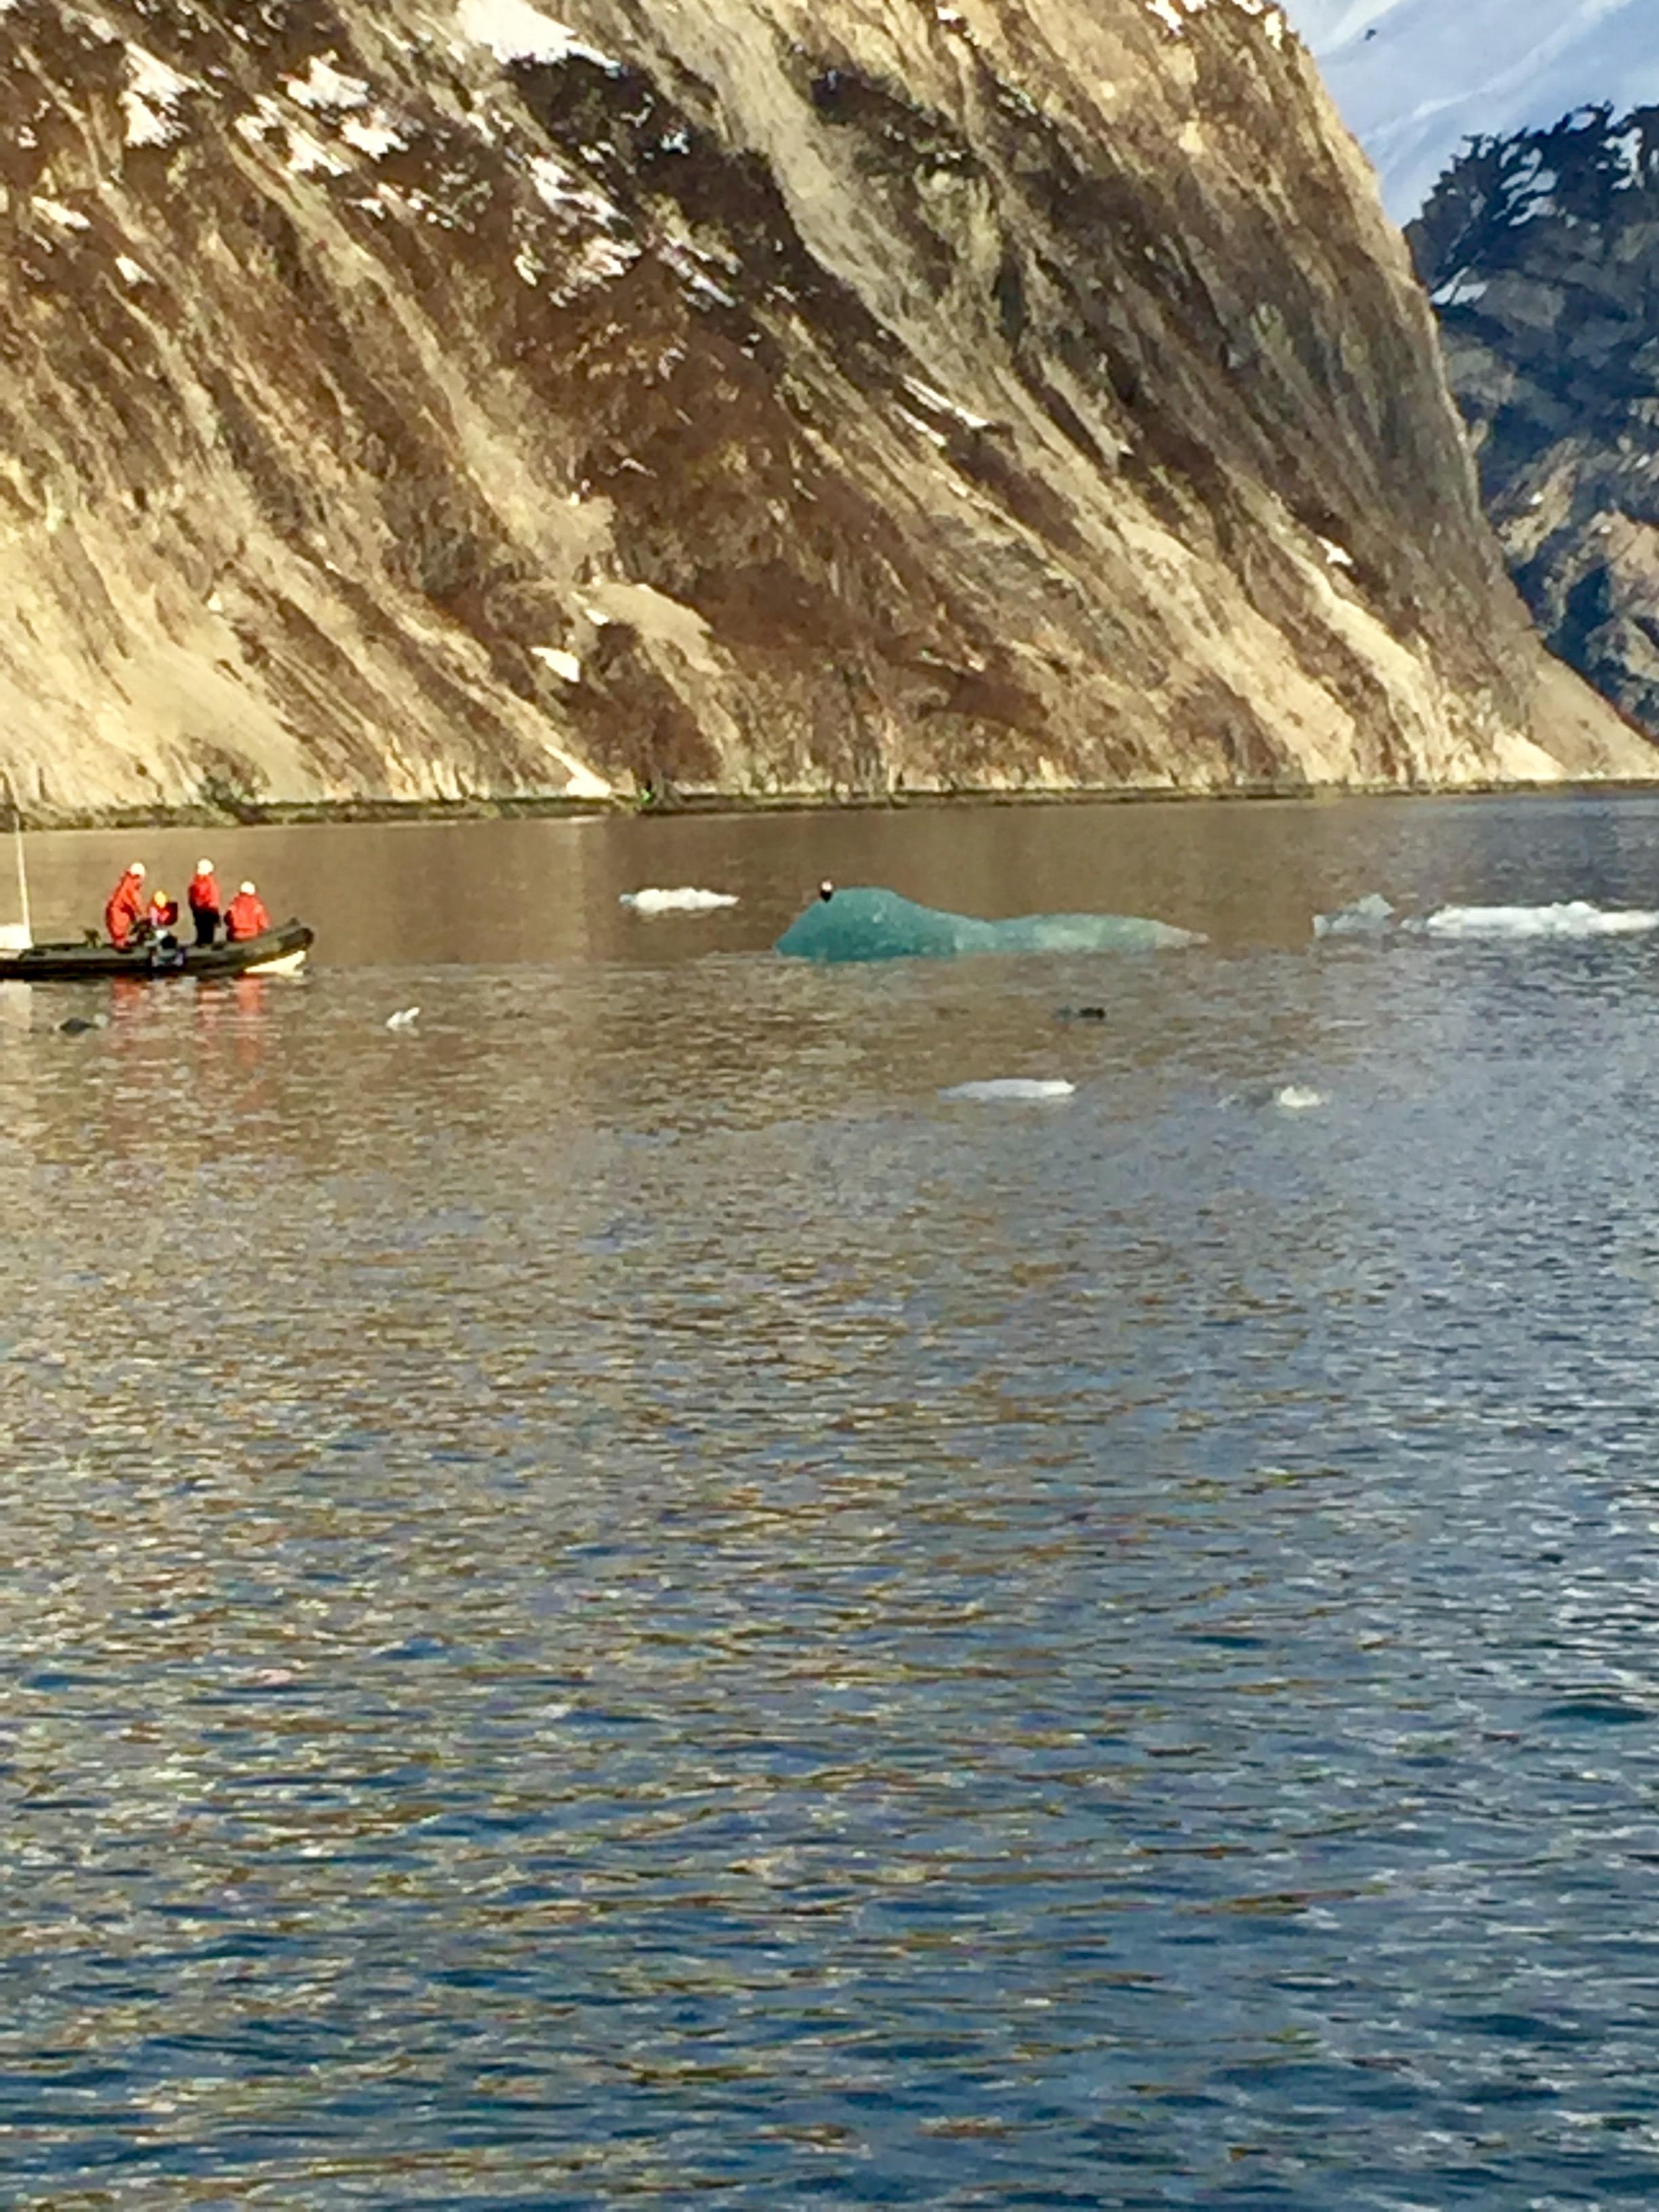 Qanuk Sitting on Iceberg large